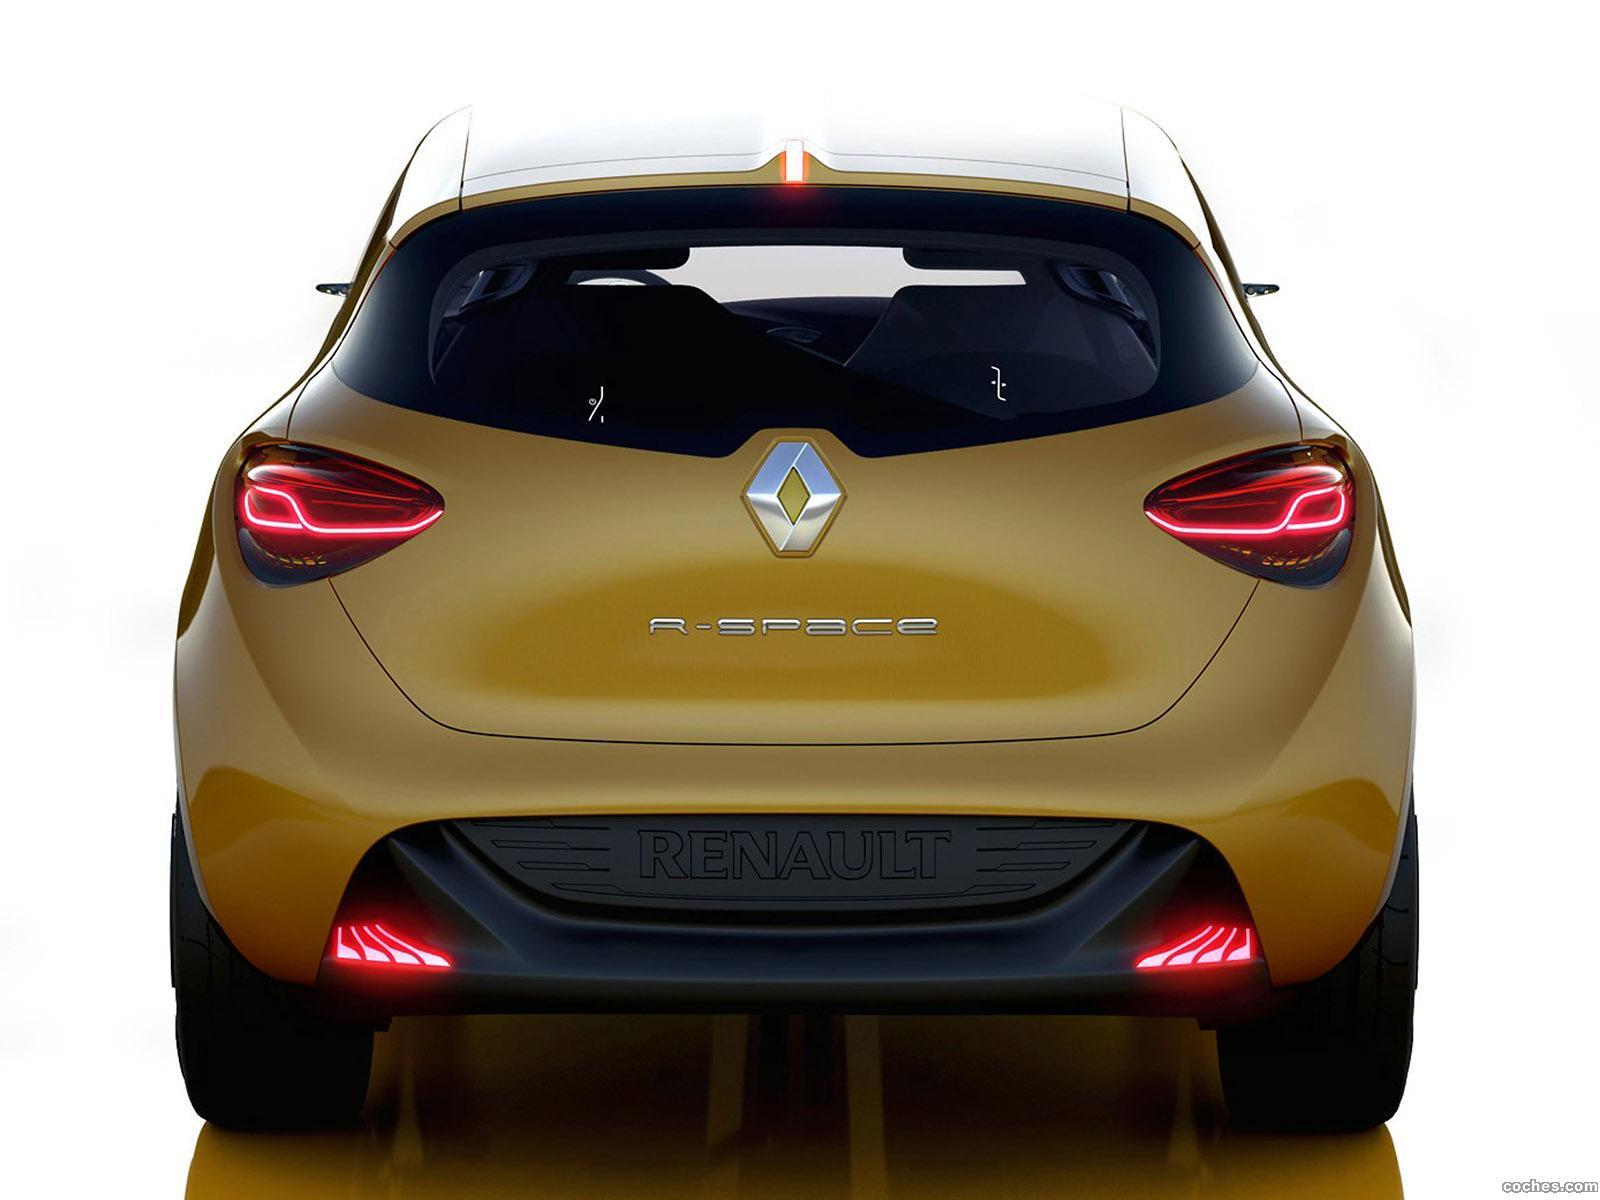 Foto 11 de Renault R-Space Concept 2011